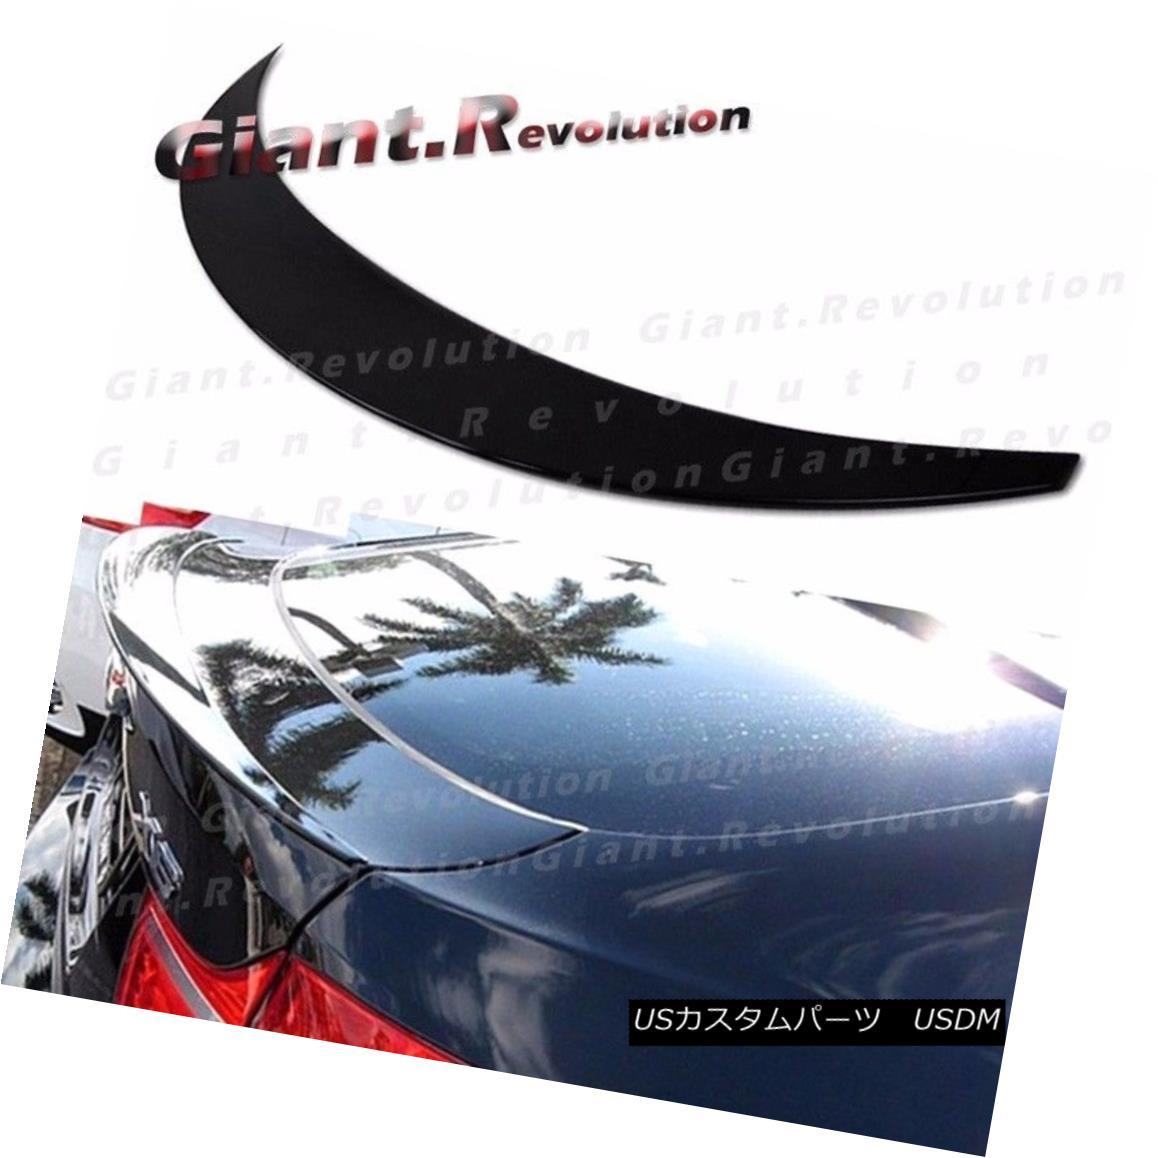 エアロパーツ Painted P Type Rear Trunk Spoiler Fit BMW 08-13 E71 X6 Liftback Deck Wing Boot 塗装済みPタイプリアトランク・スポイラーBMW 08-13 E71 X6リフトバック・デッキ・ウィング・ブーツ